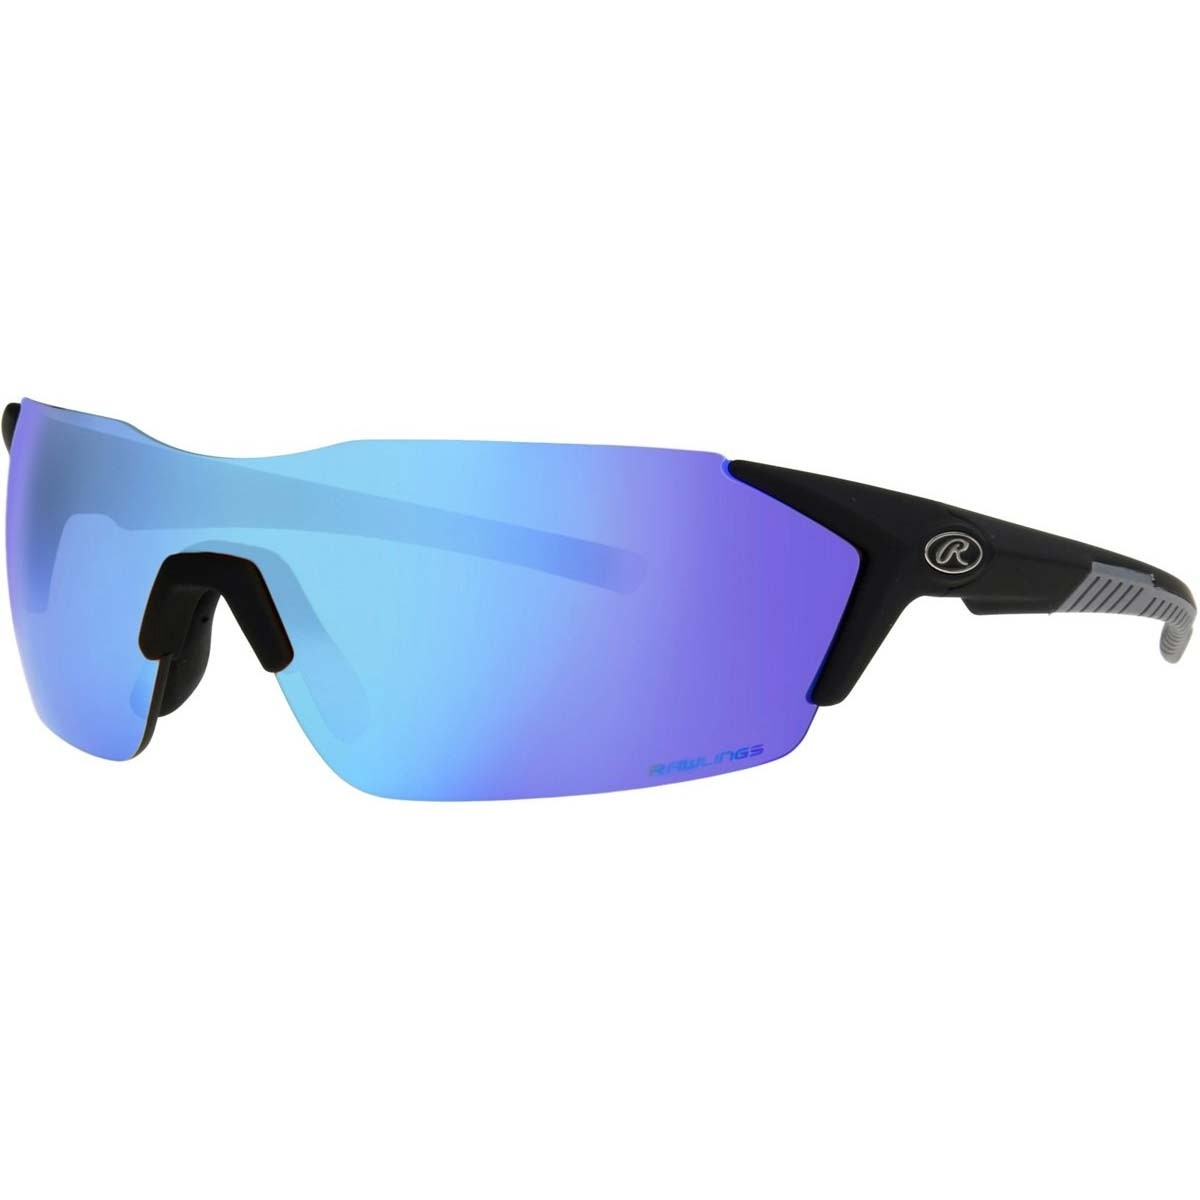 35e119569c4 Rawlings Adult Rimless Sunglasses